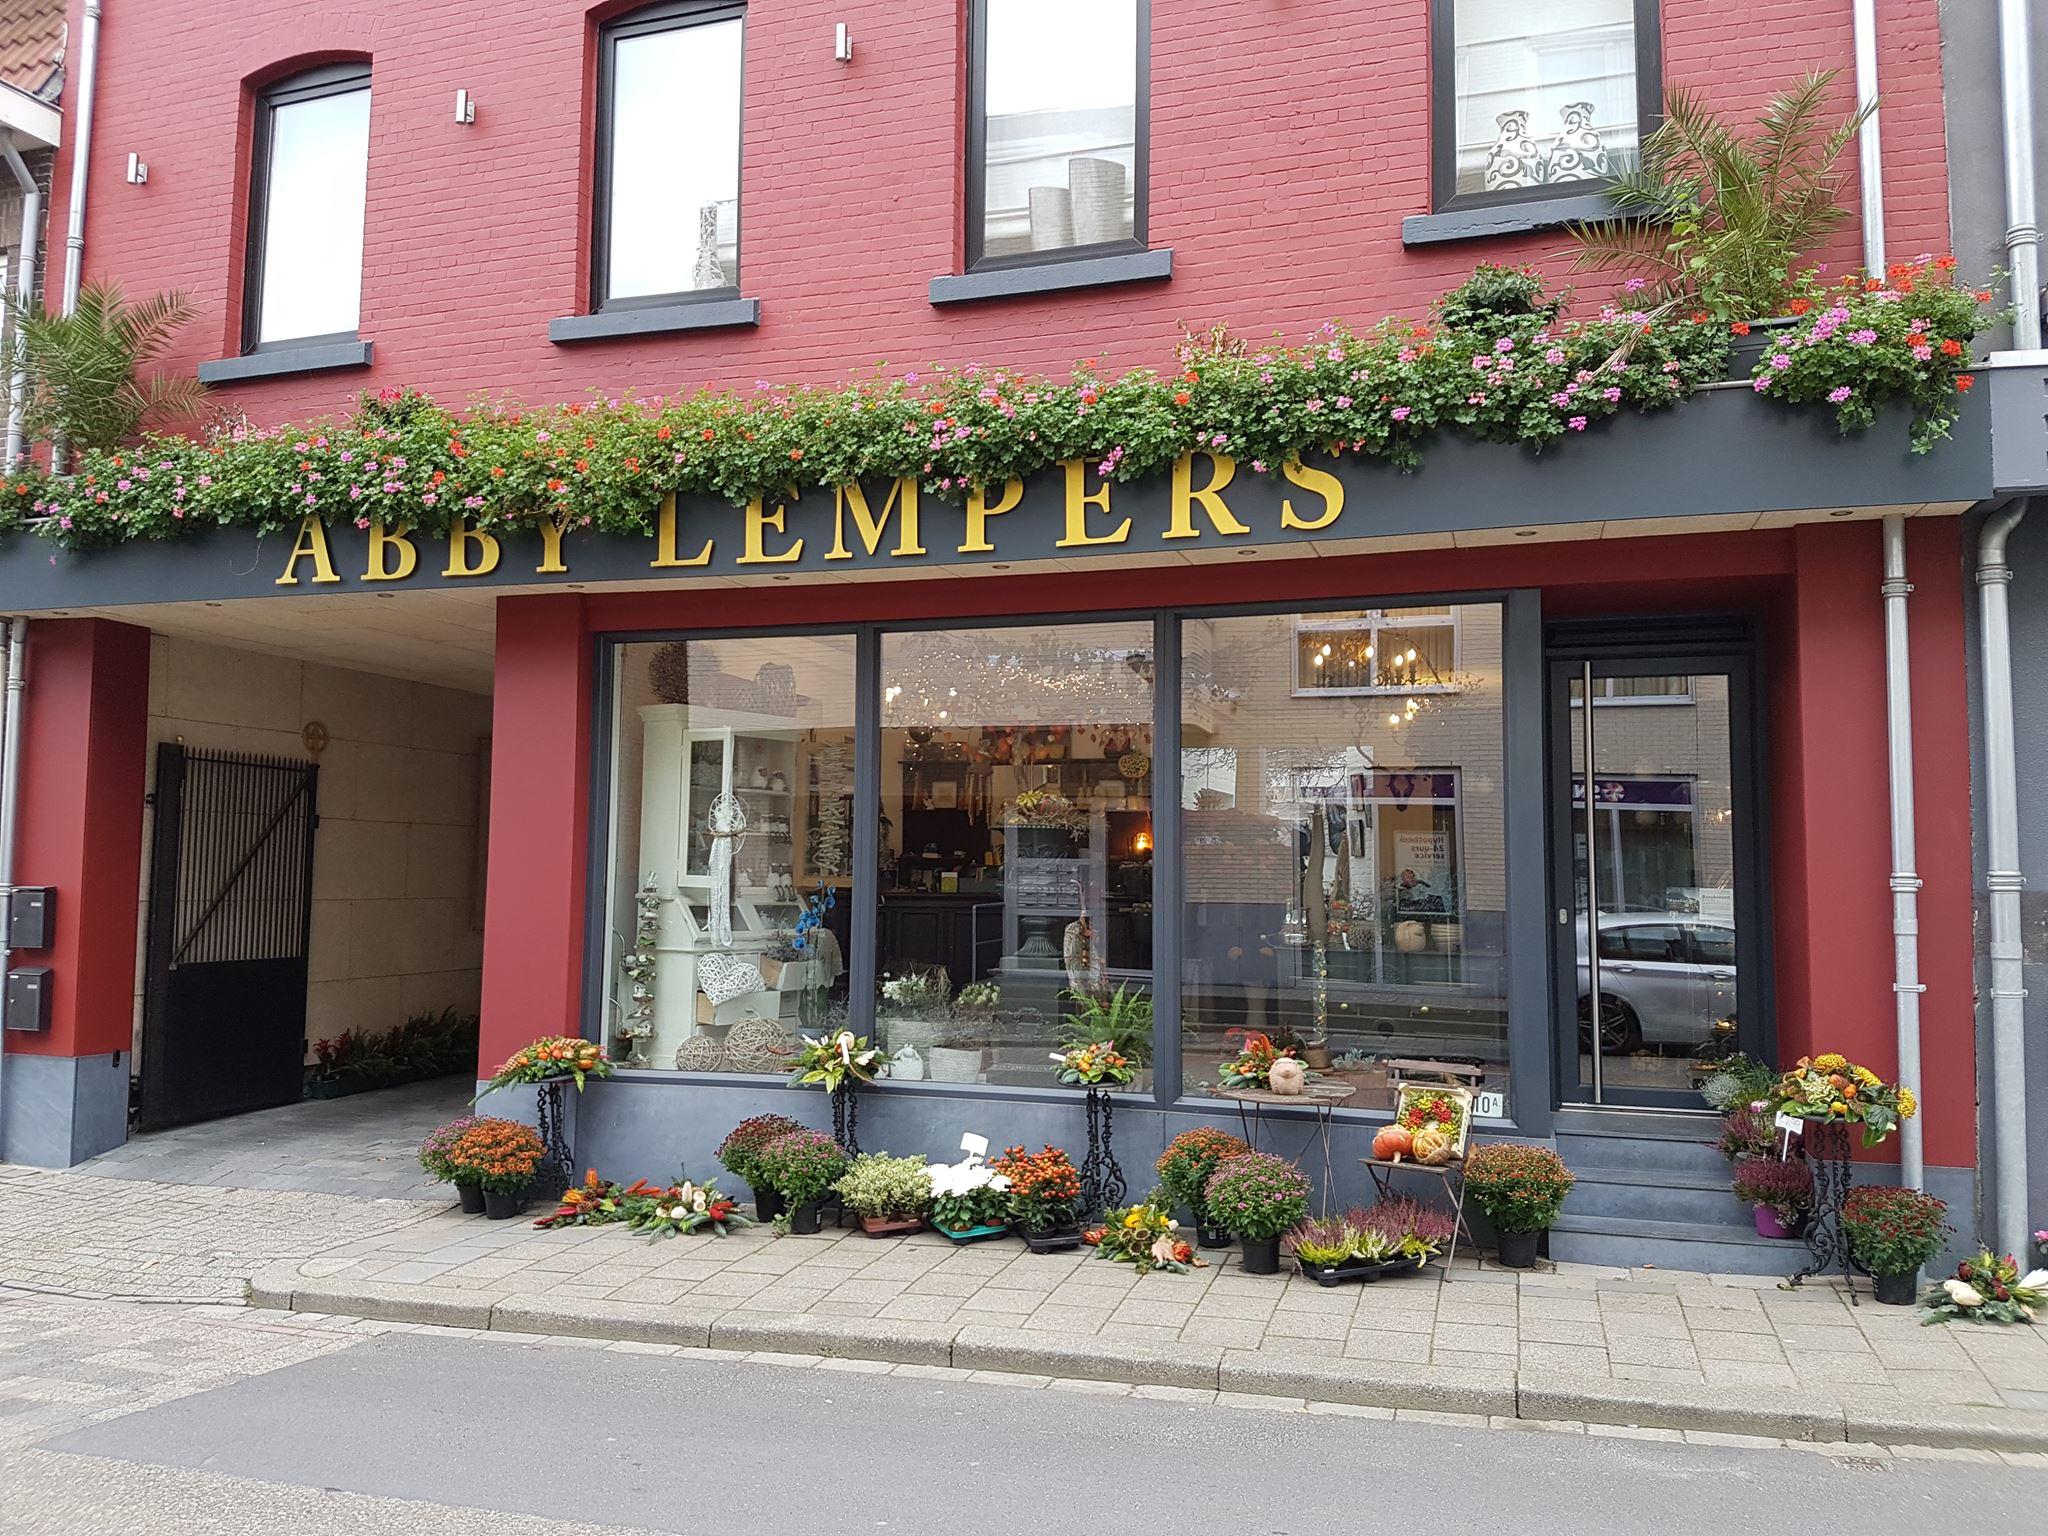 abby-lempers-bloemen